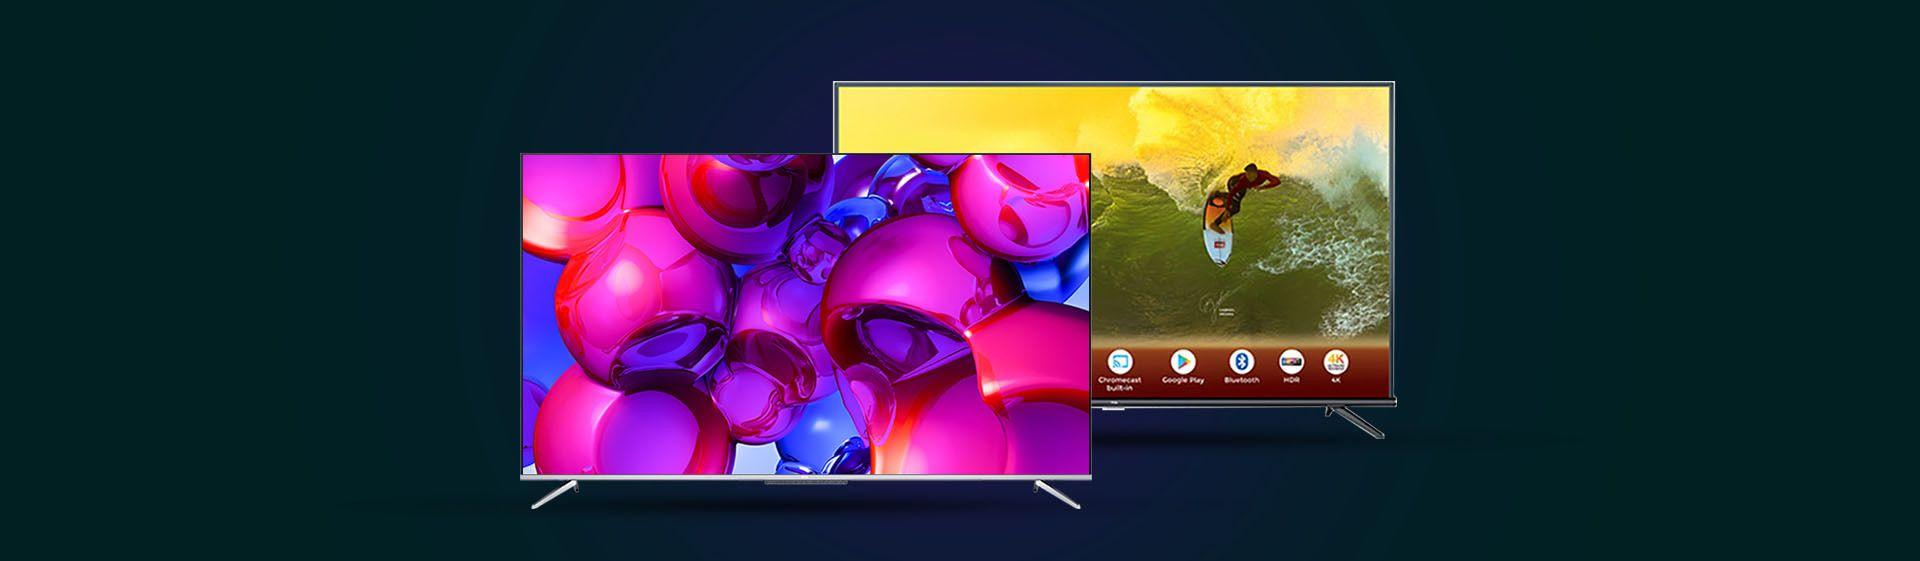 TCL P8M vs TCL P715: o que muda de uma geração para outra dessas Smart TVs?